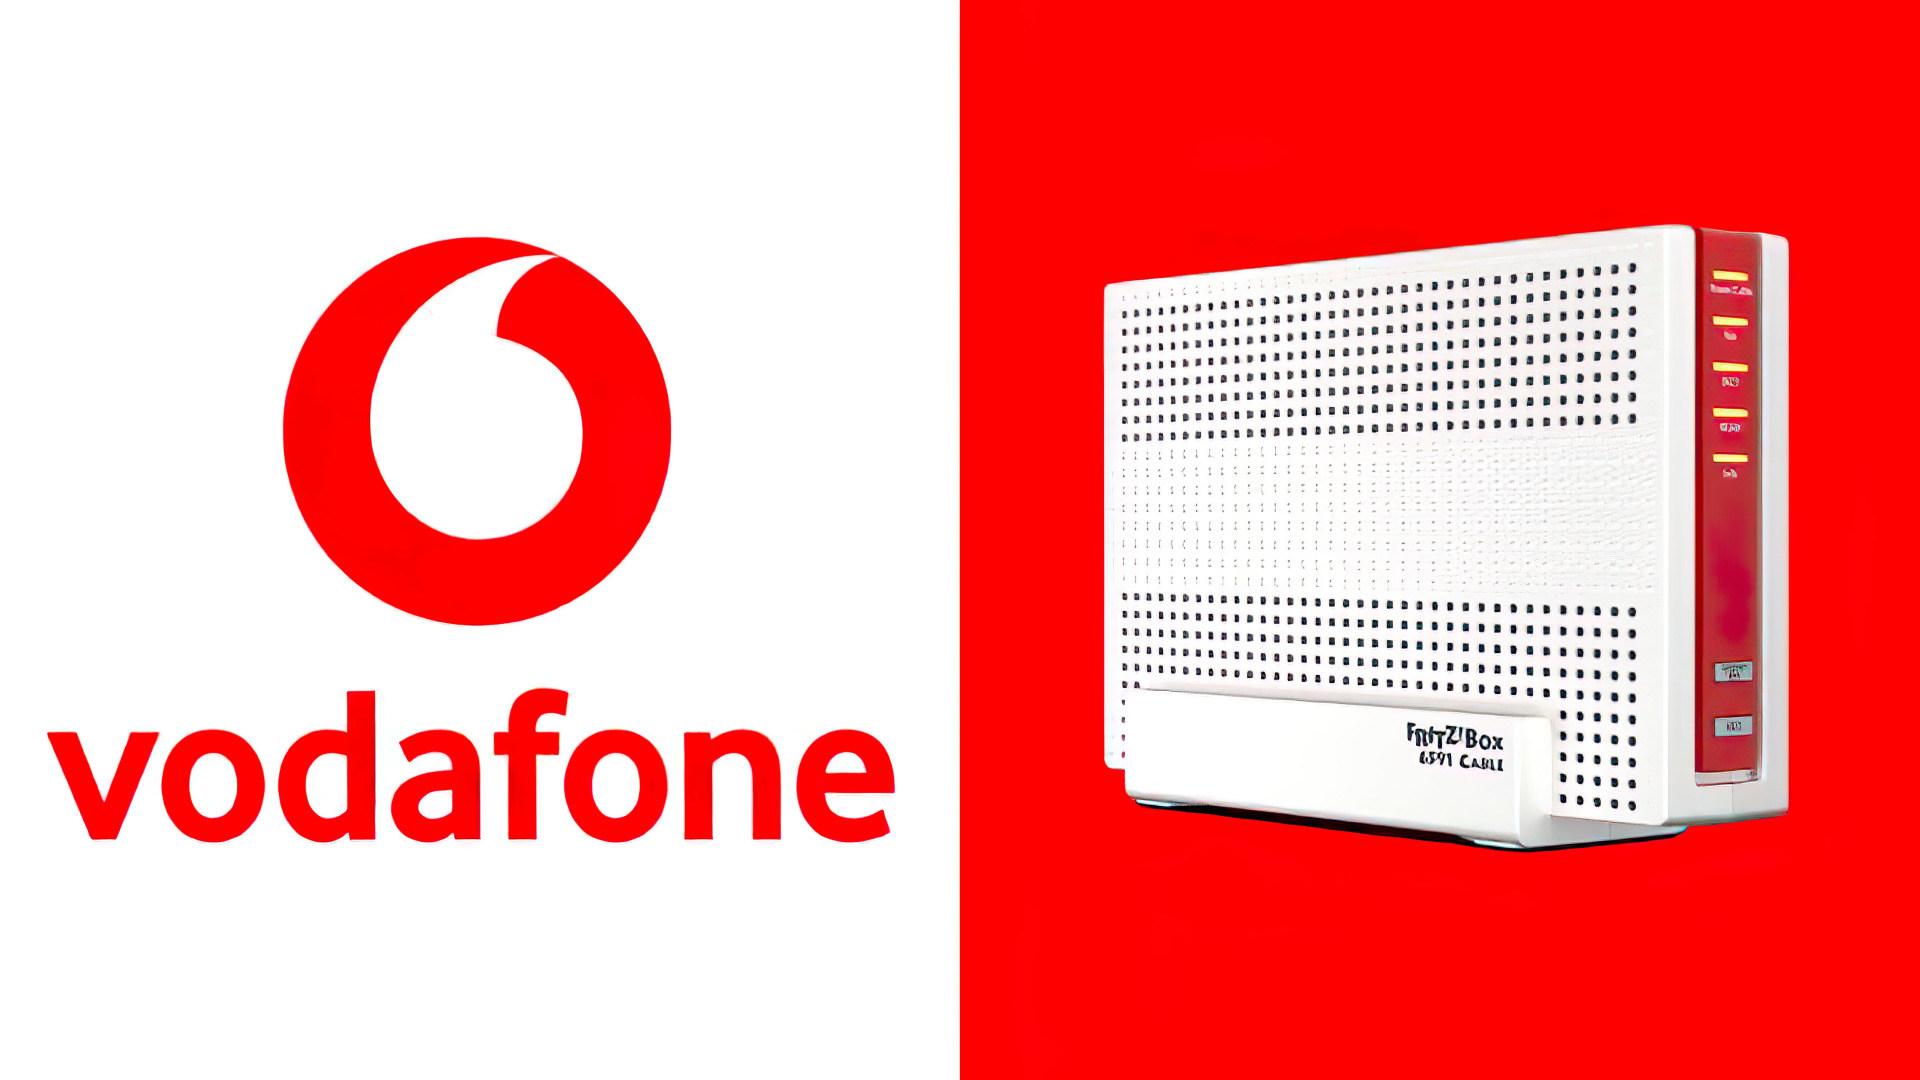 Router, Avm, Vodafone, Fritzbox, wlan-router, Kabelnetz, FritzBox 6591 Cable